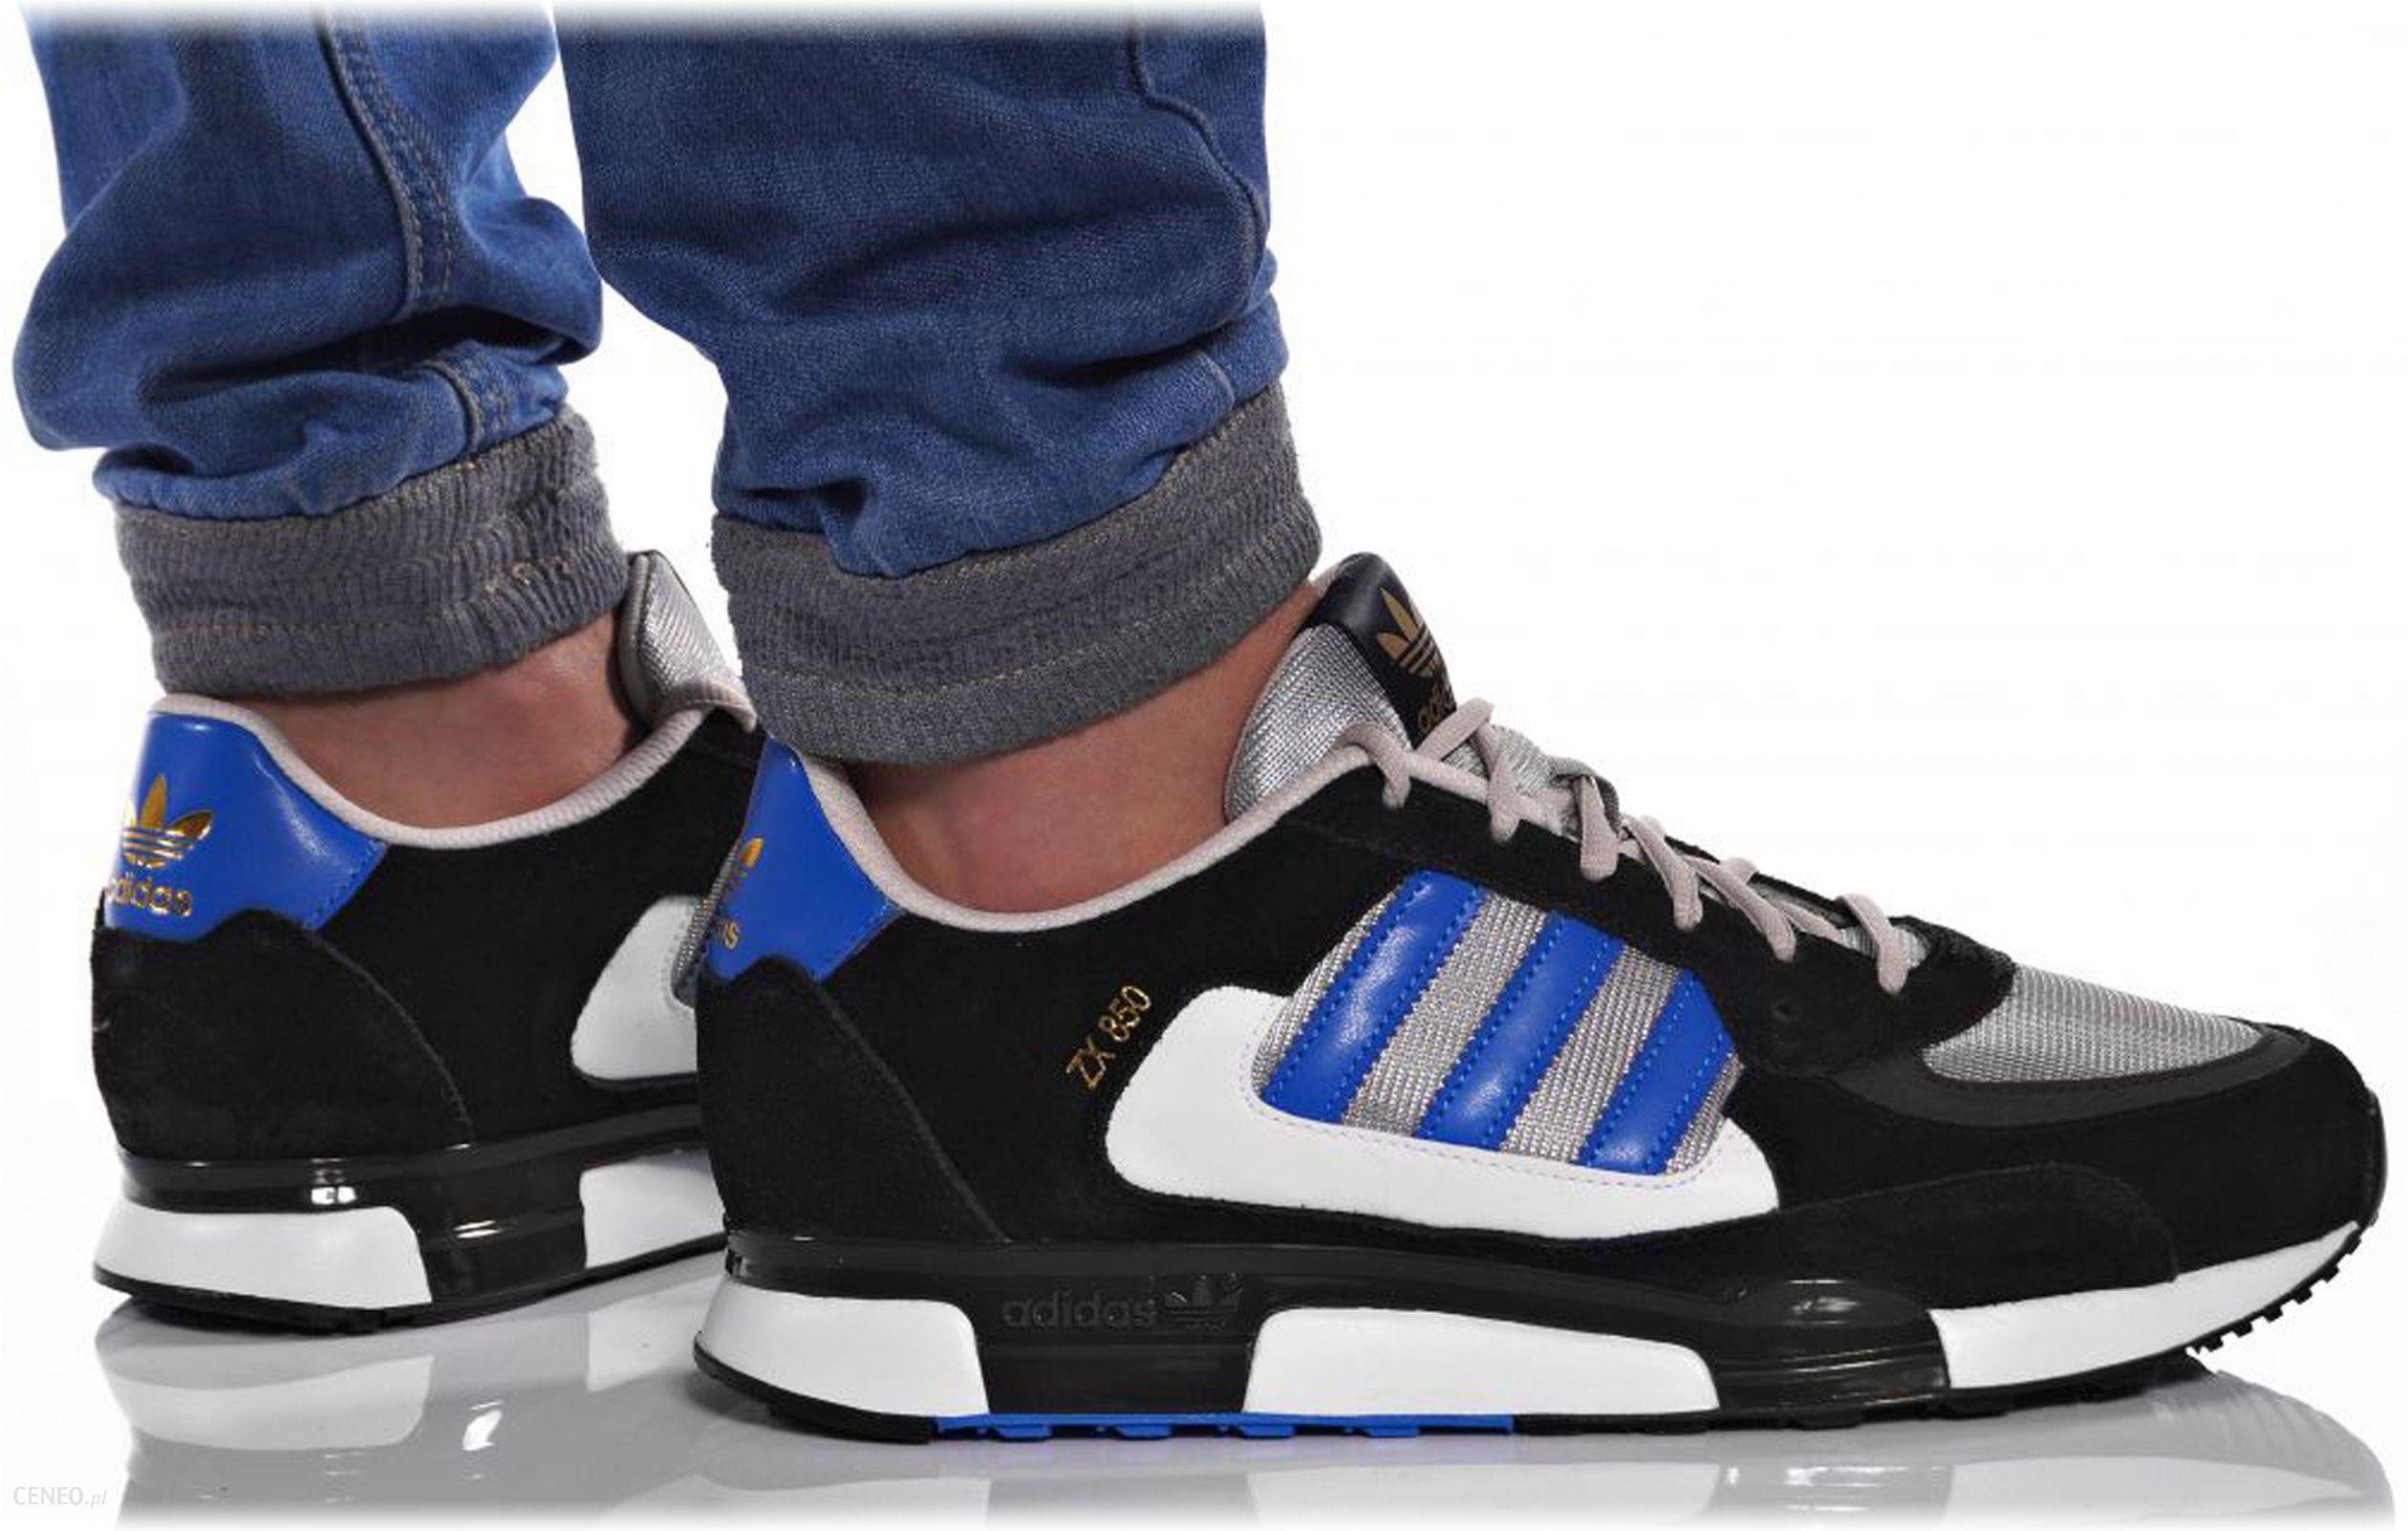 adidas zx 850 44